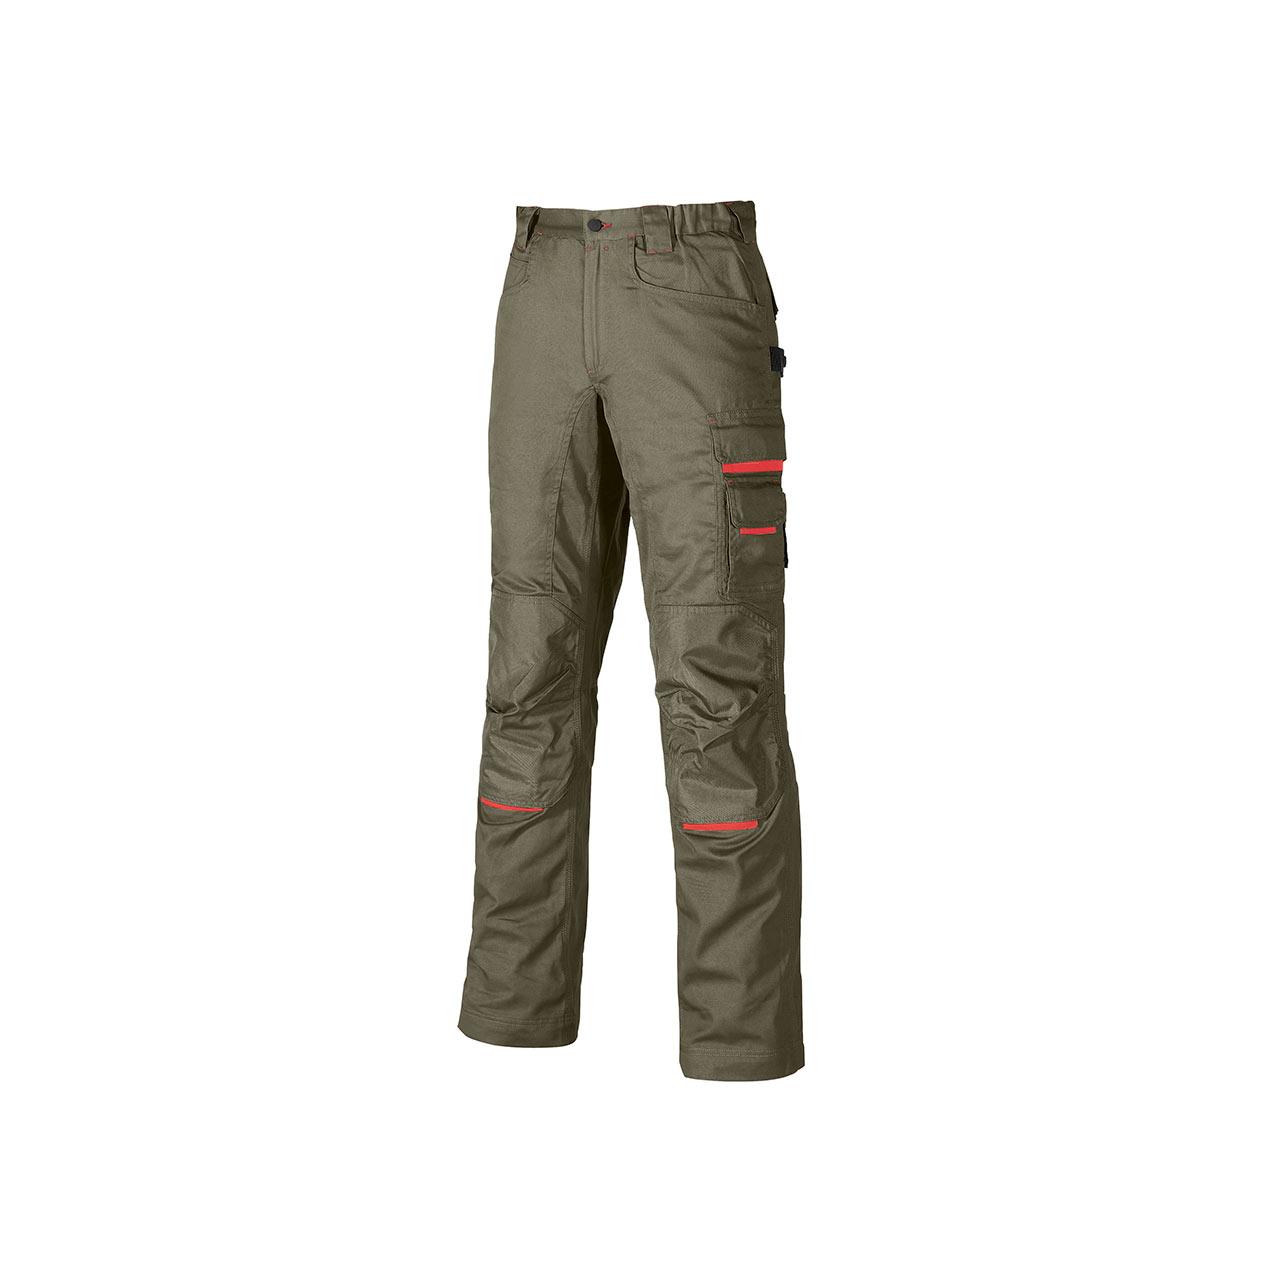 pantalone da lavoro upower modello nimble colore desert